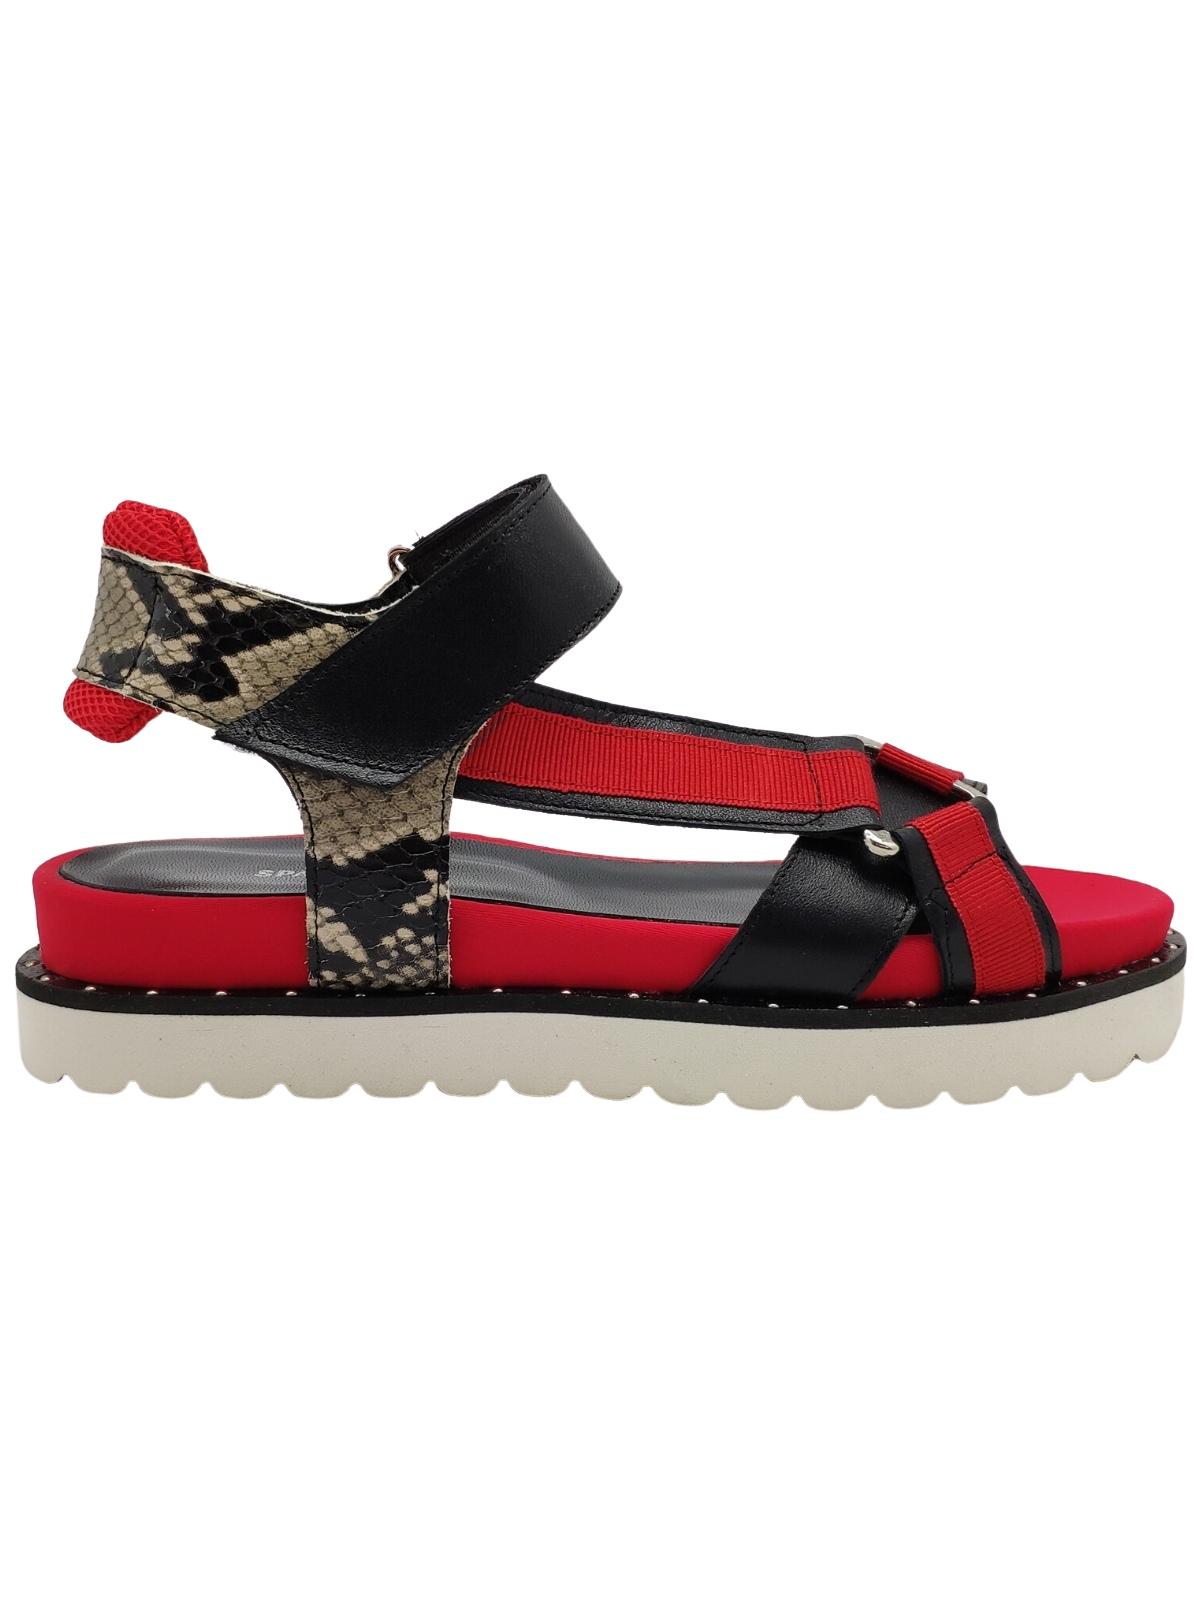 Calzature Donna Sandali In Tessuto Rosso e Pelle Nera Con Cinturino Velcro e Fondo Gomma Carrarmato Spatarella | Sandali | S200ROSSO